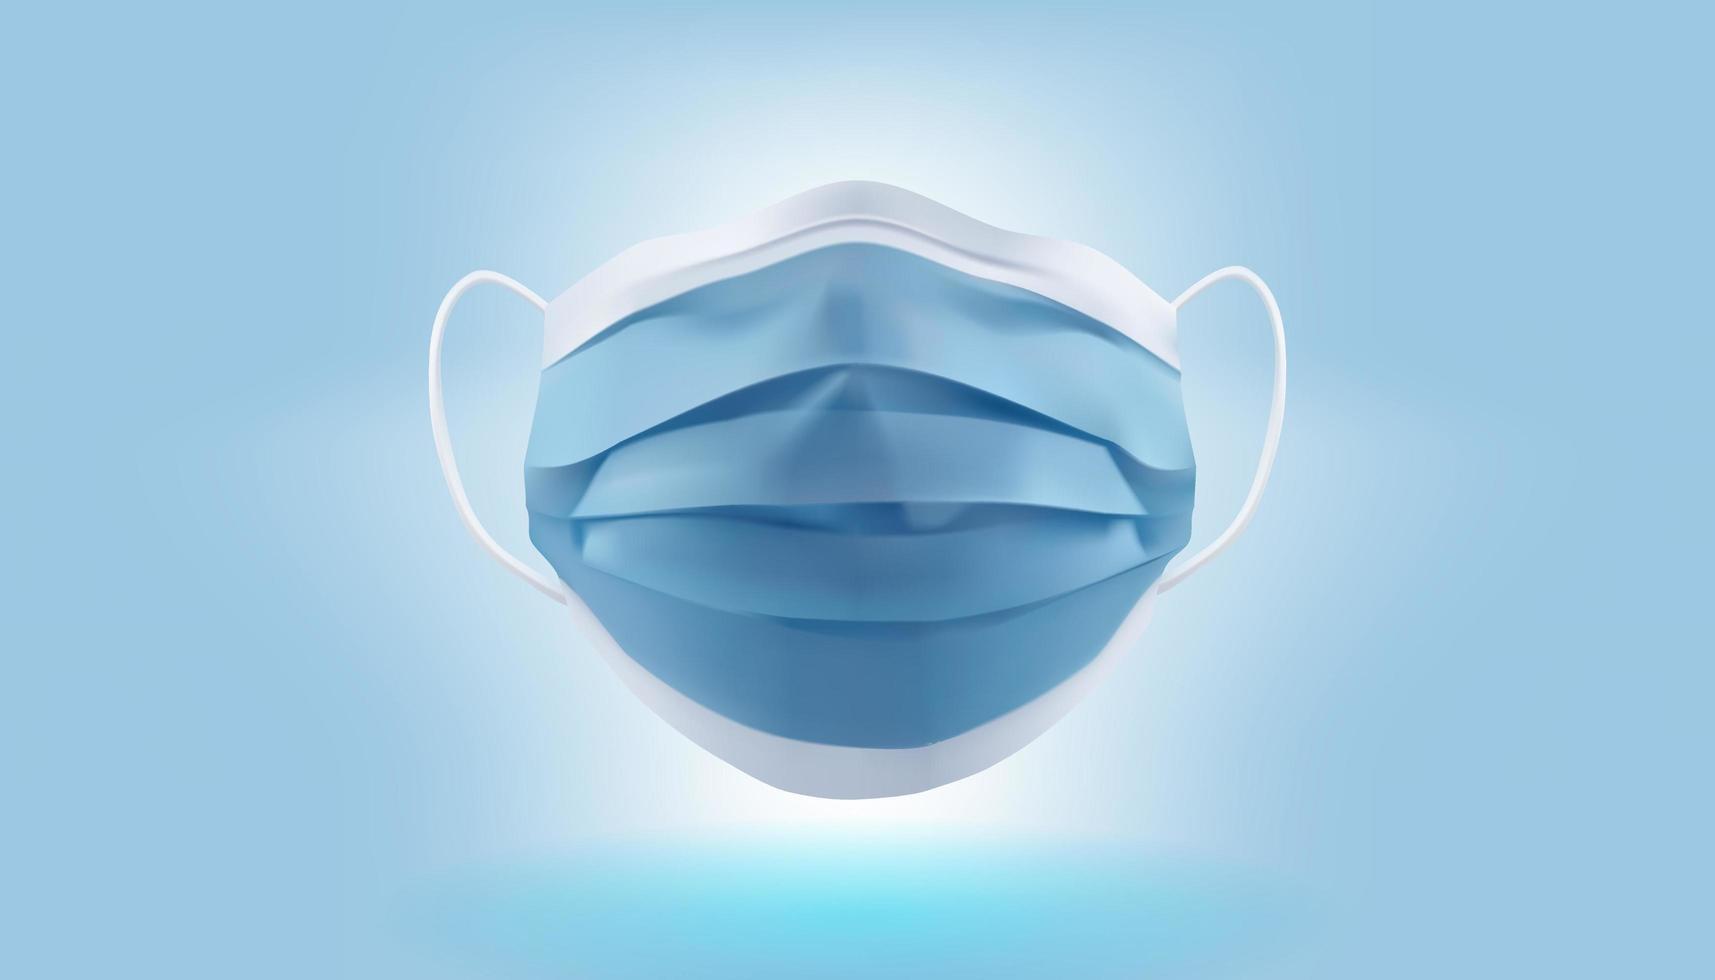 masque médical réaliste bleu vecteur